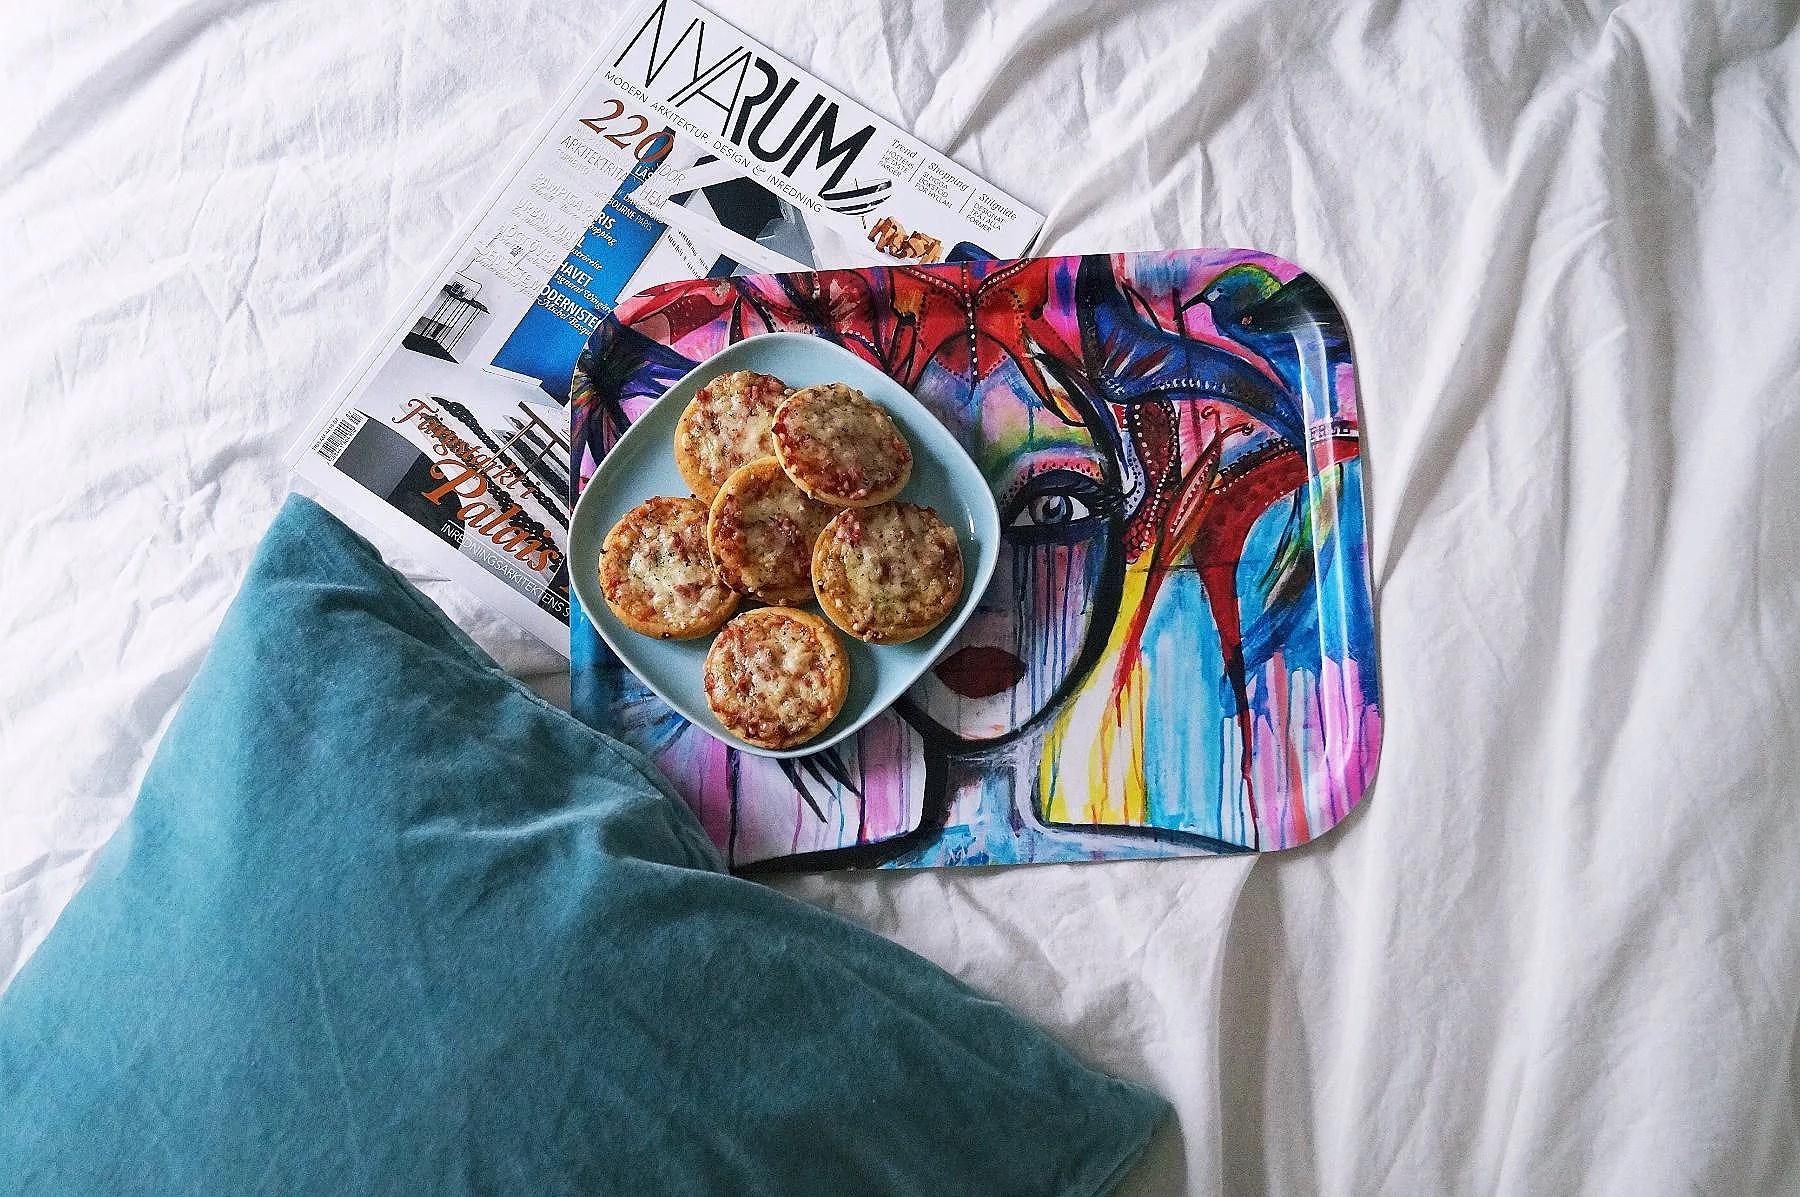 Lunch: minipizza